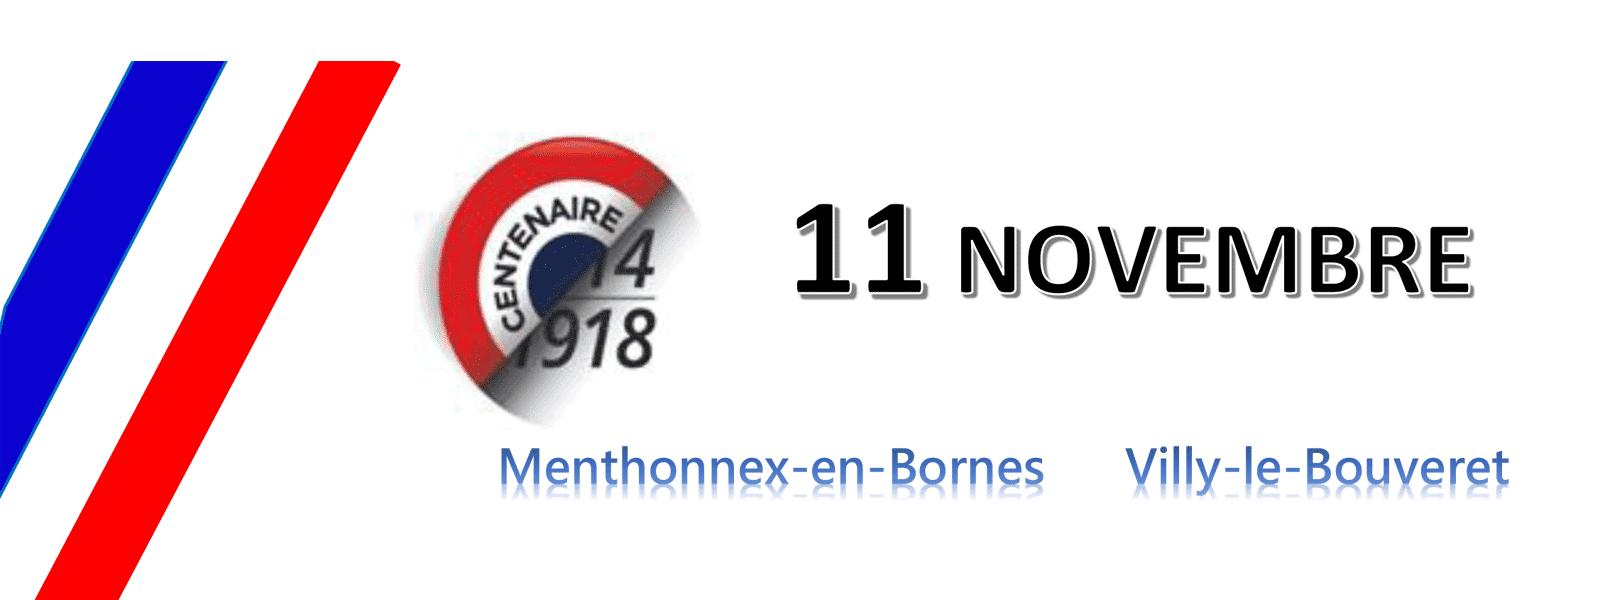 11 novembre 2018 - Bannière